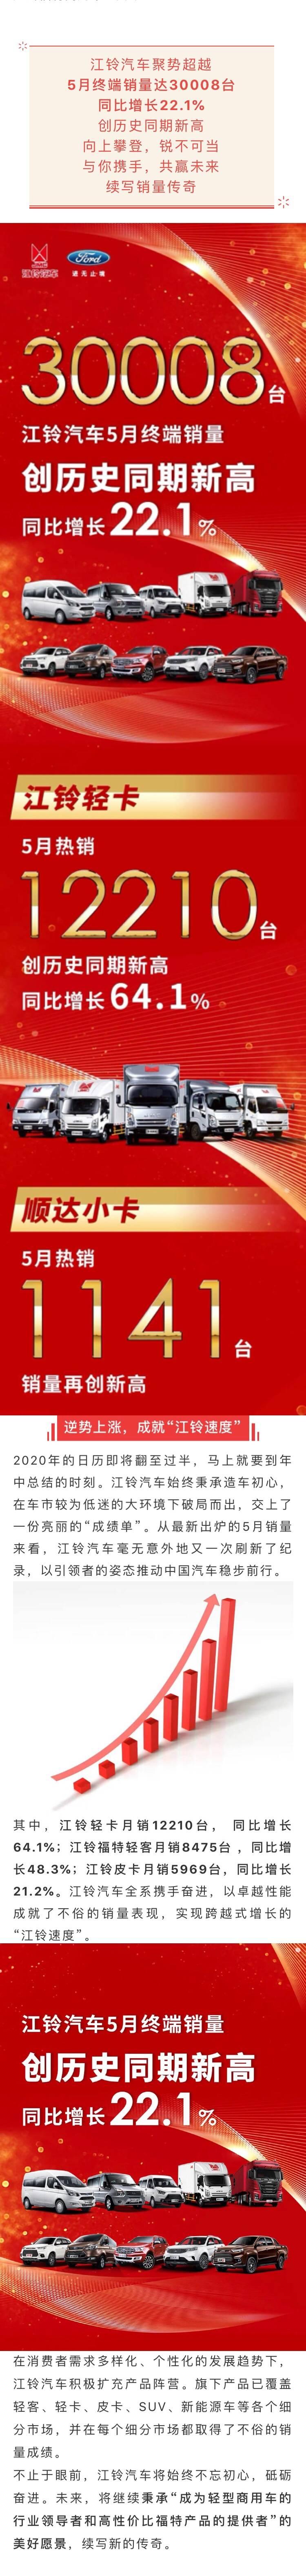 江铃轻卡单月销量同比增长64.1%,创历史同期新高